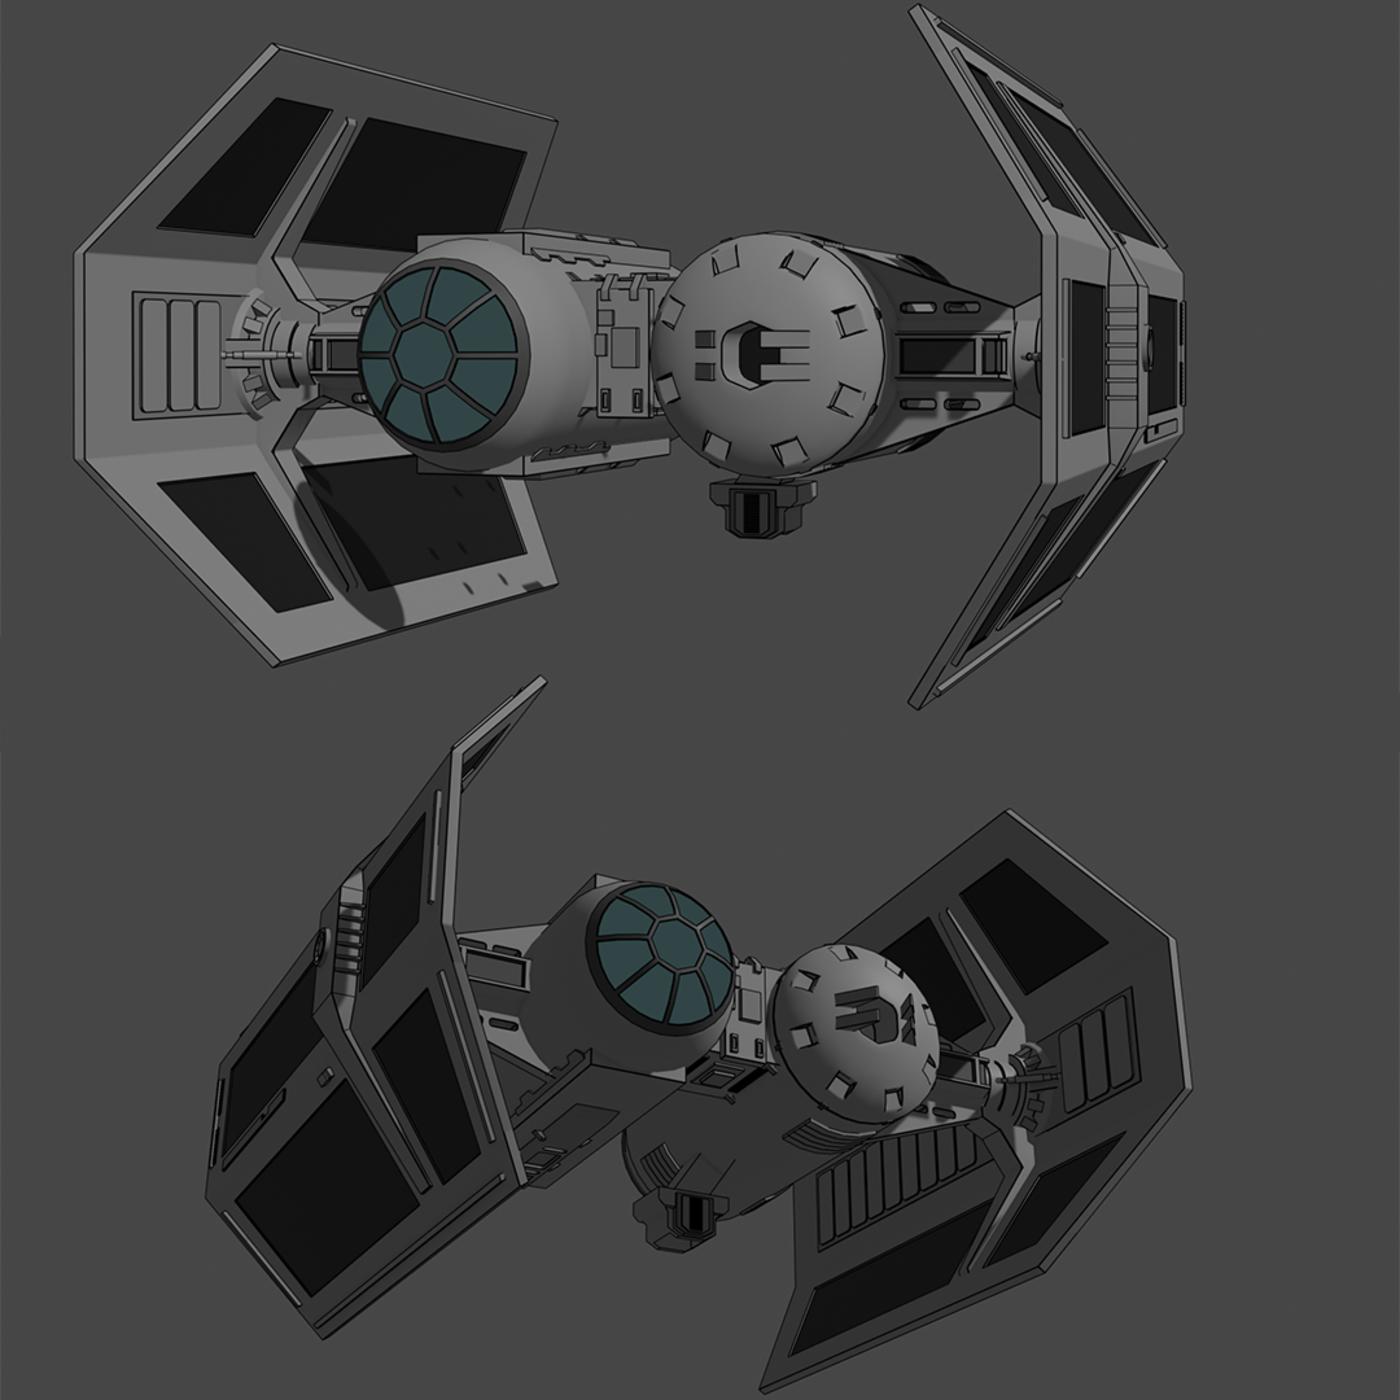 Tie-Bomber - Star Wars - Fan Art